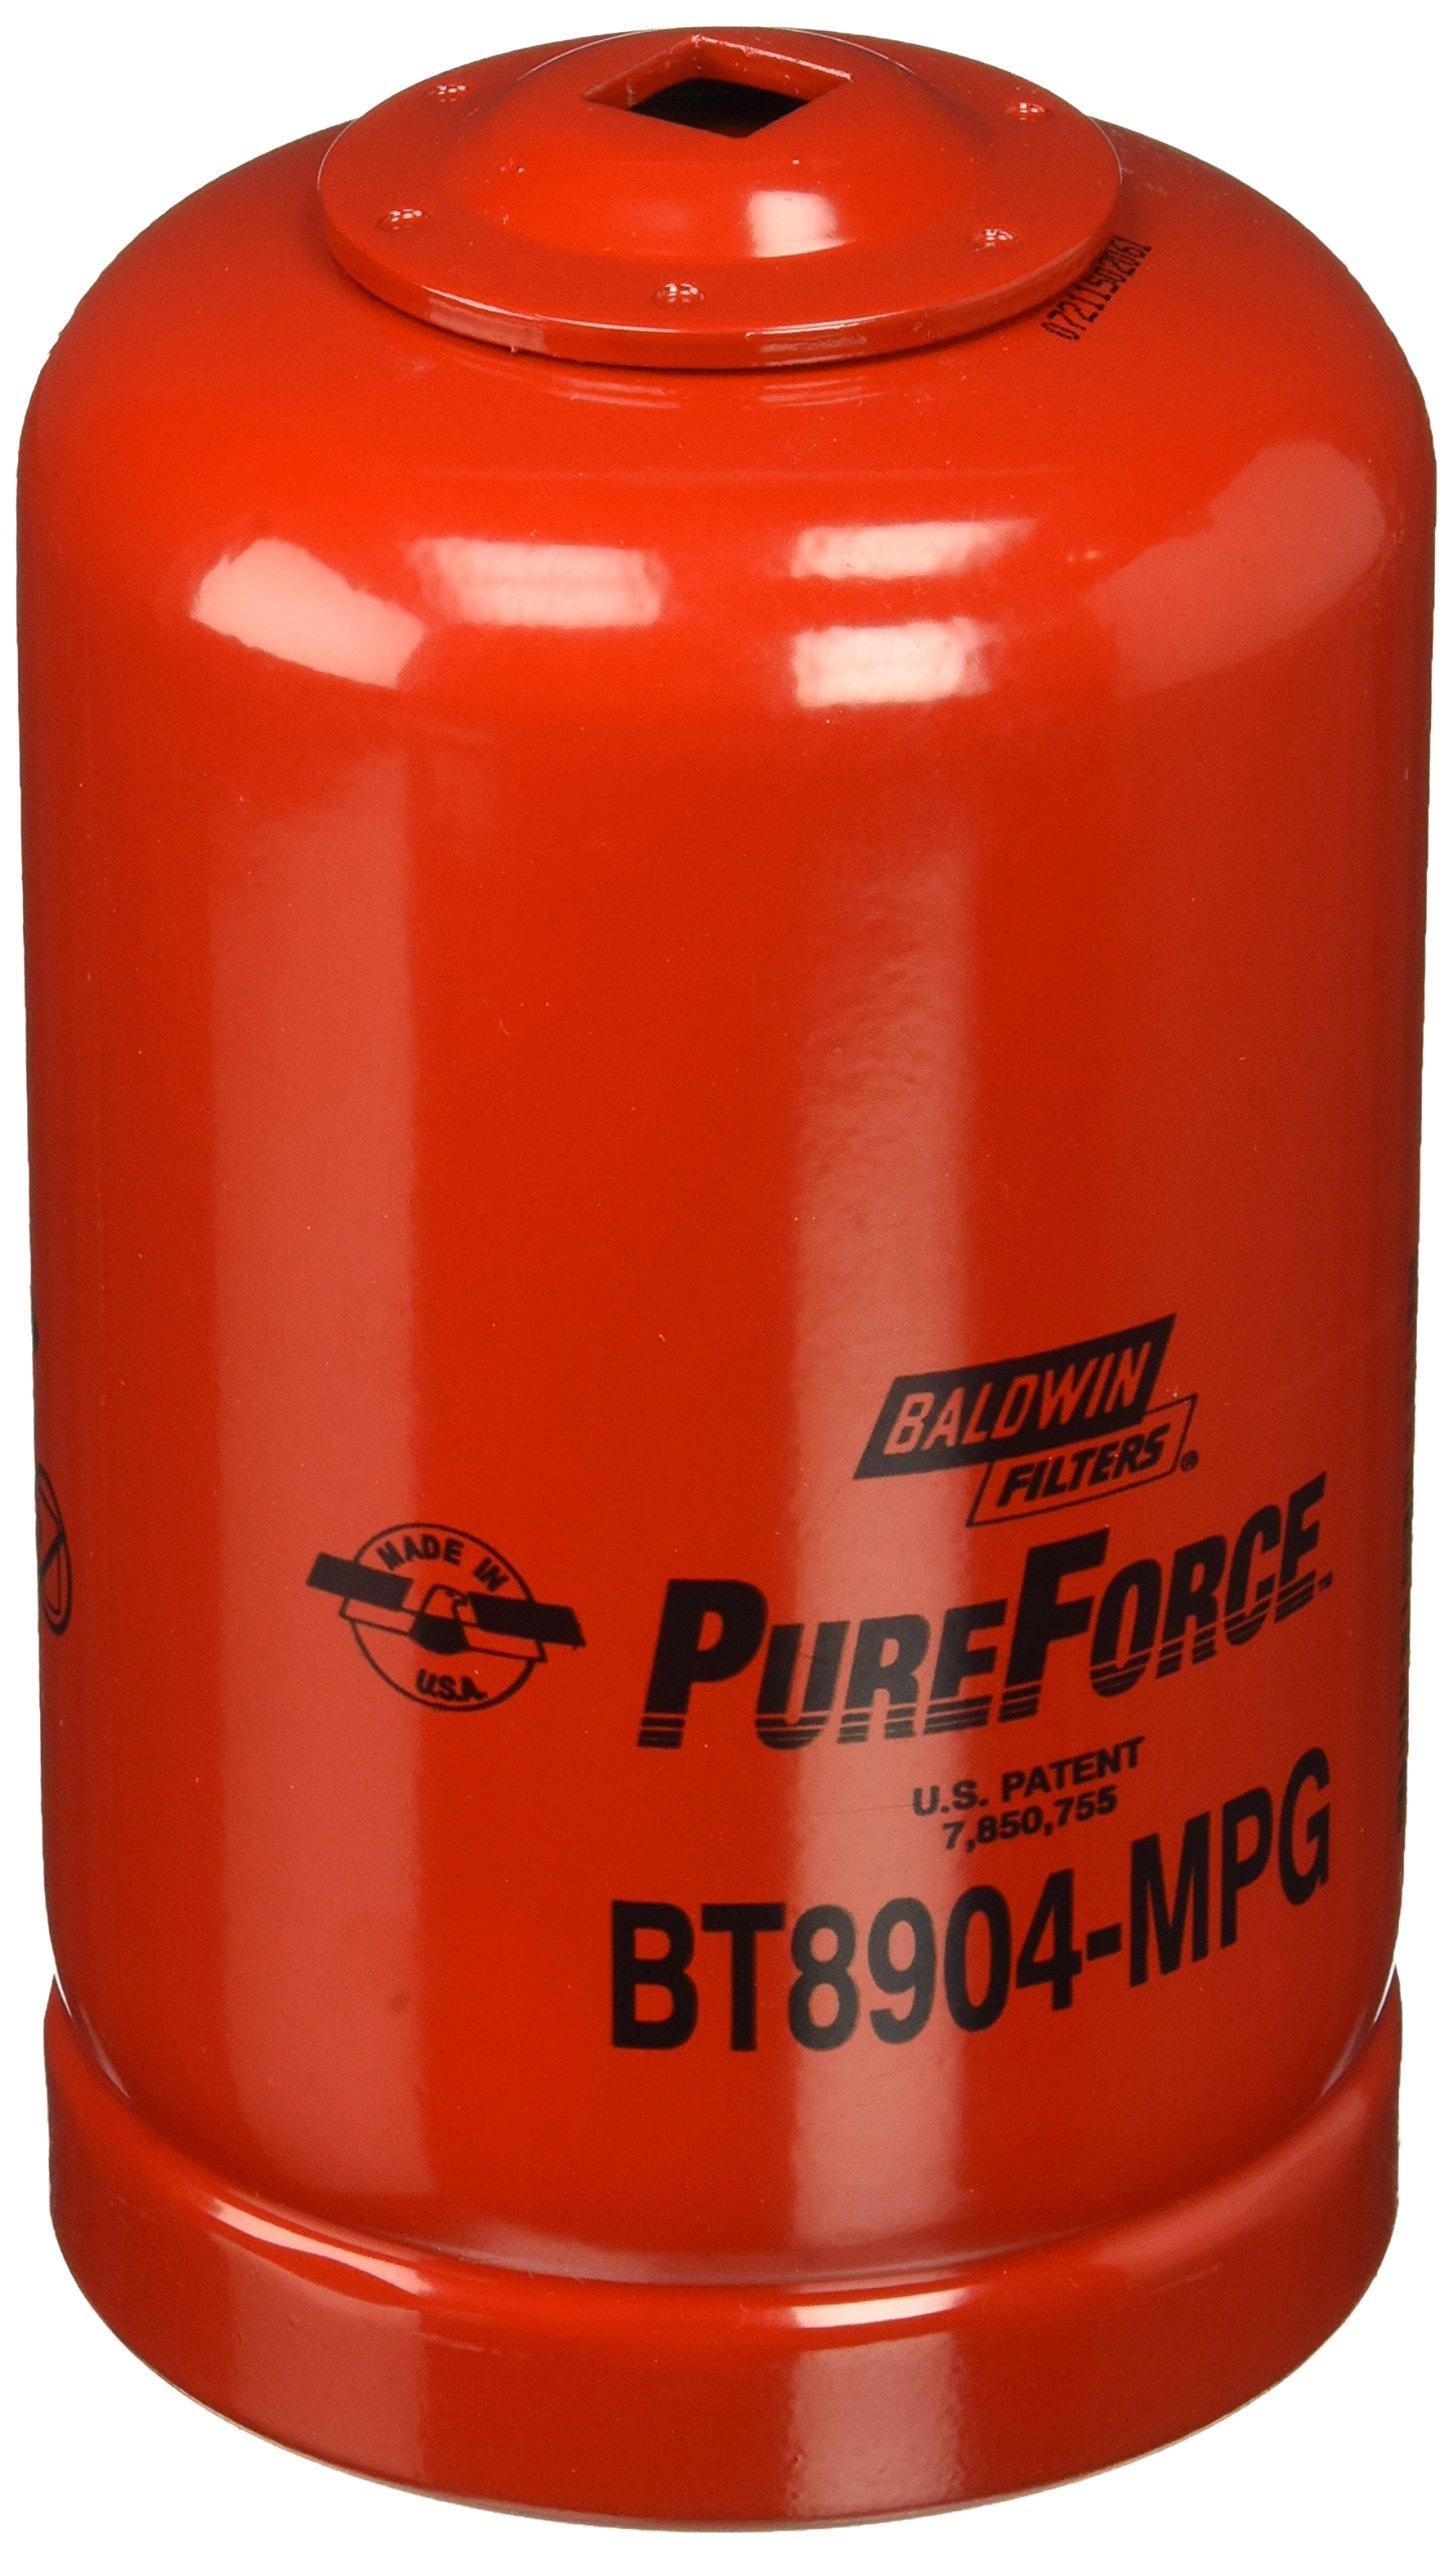 Baldwin Heavy Duty BT8904-MPG Hydraulic Filter,3-3/4 x 6-11/32 In by Baldwin